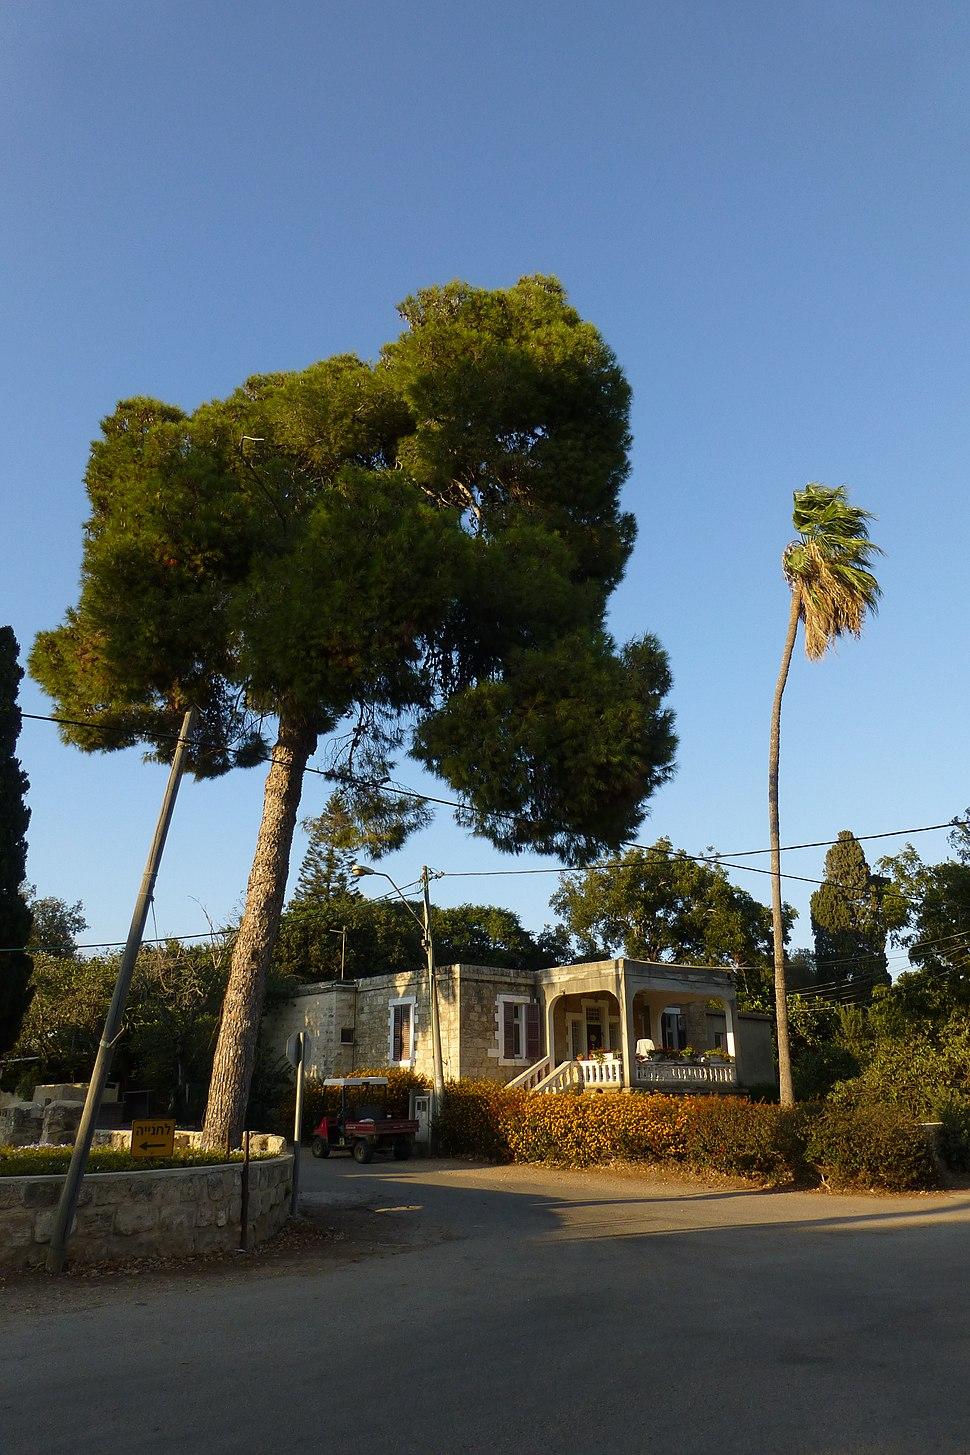 הגליל התחתון - בית לחם הגלילית - המתחם הטמפלרי (11)